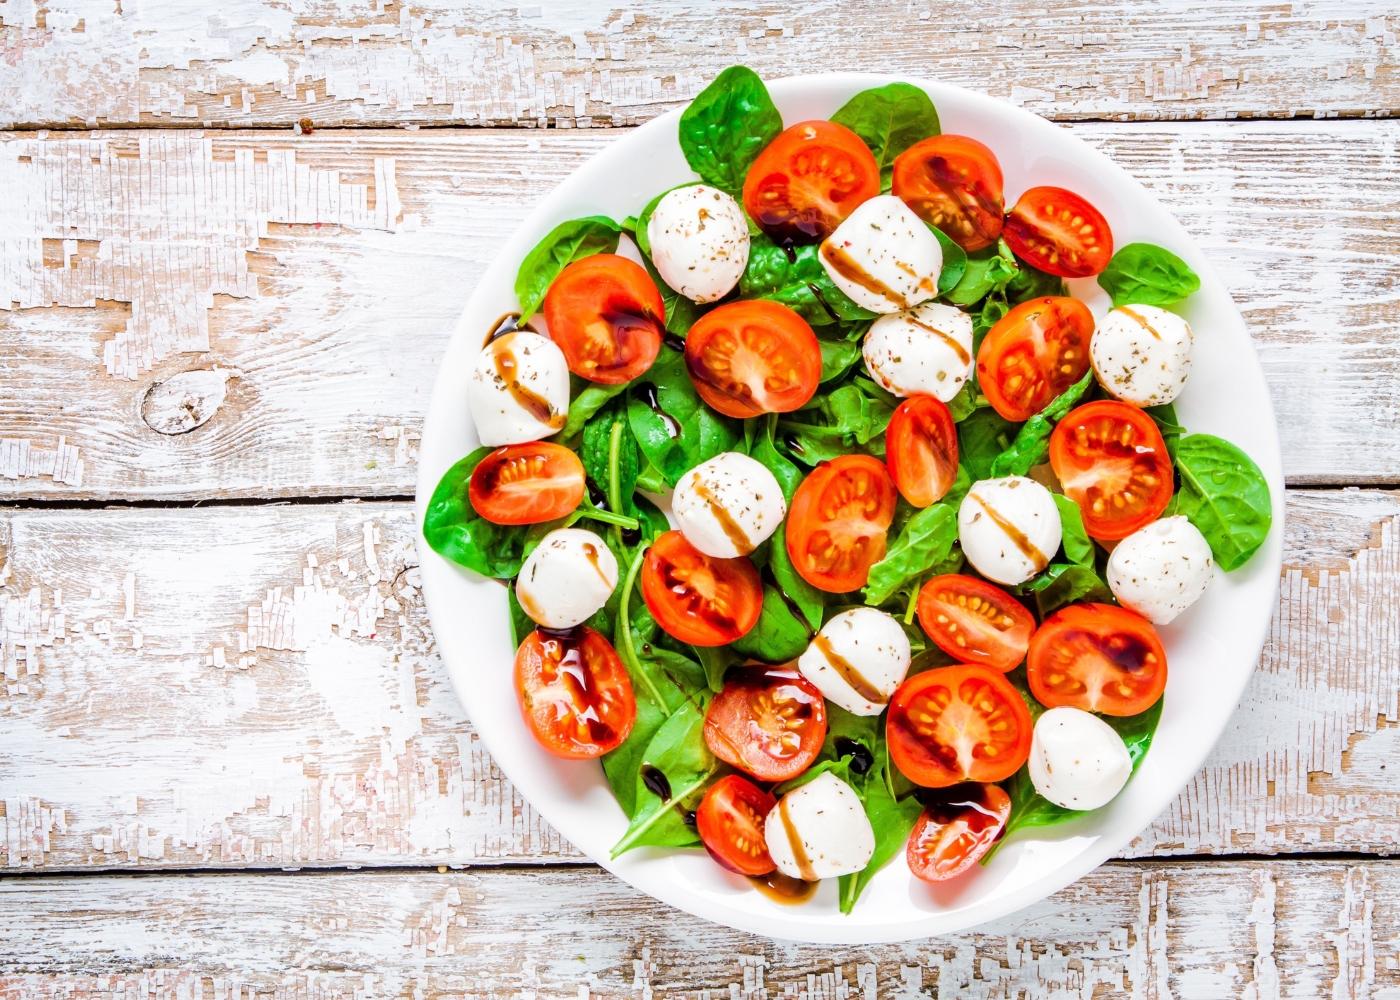 prato com salada caprese